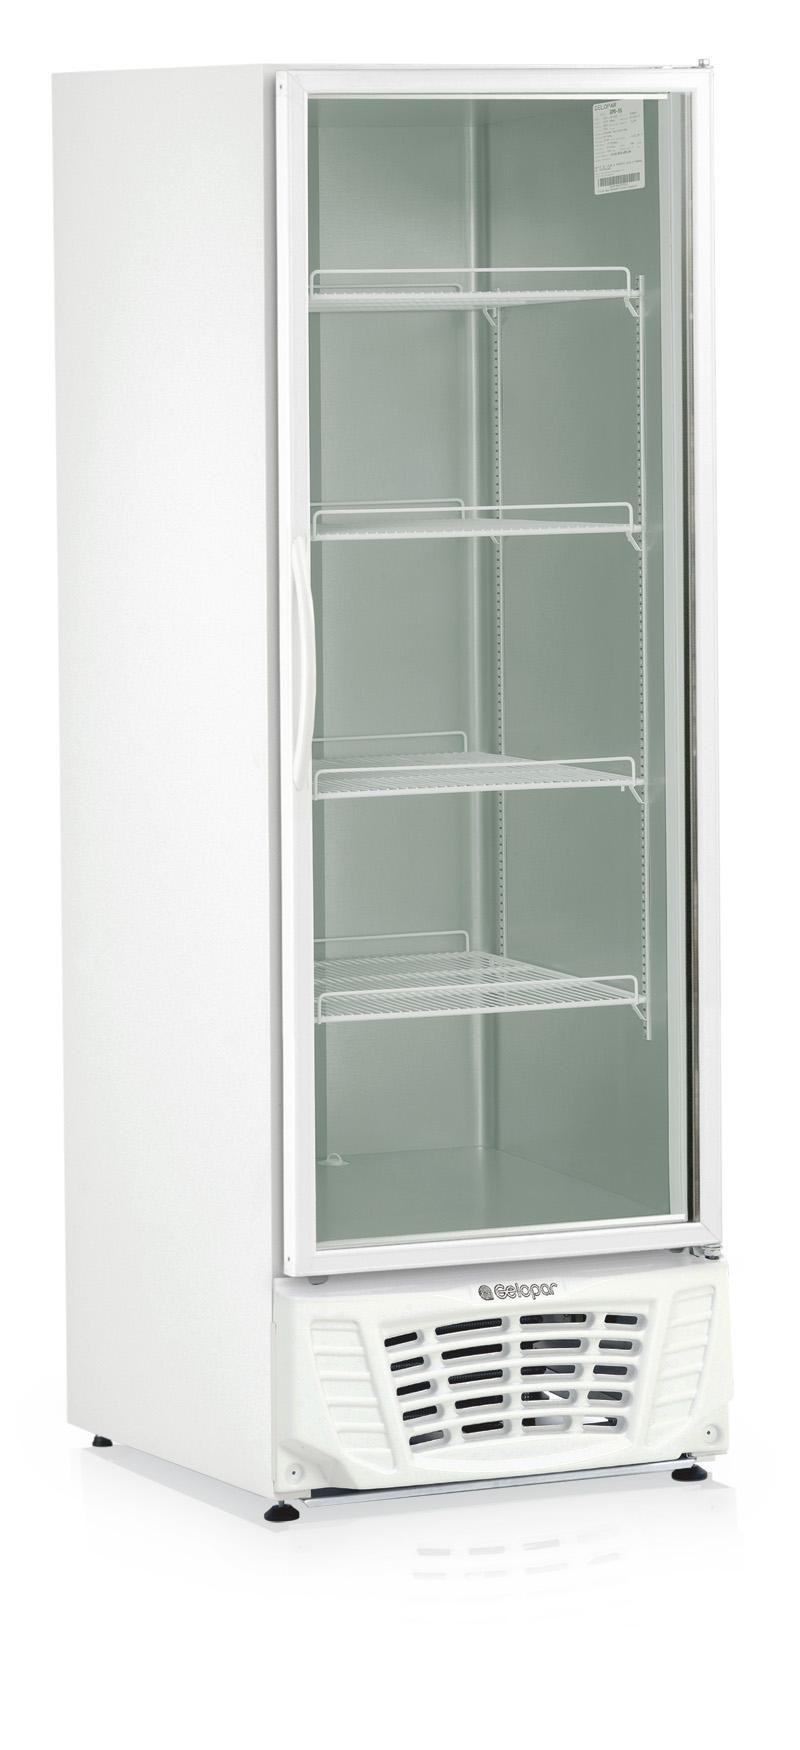 Freezer Conservador e Refrigerador Vertical GTPC-575PVABR  Gelopar